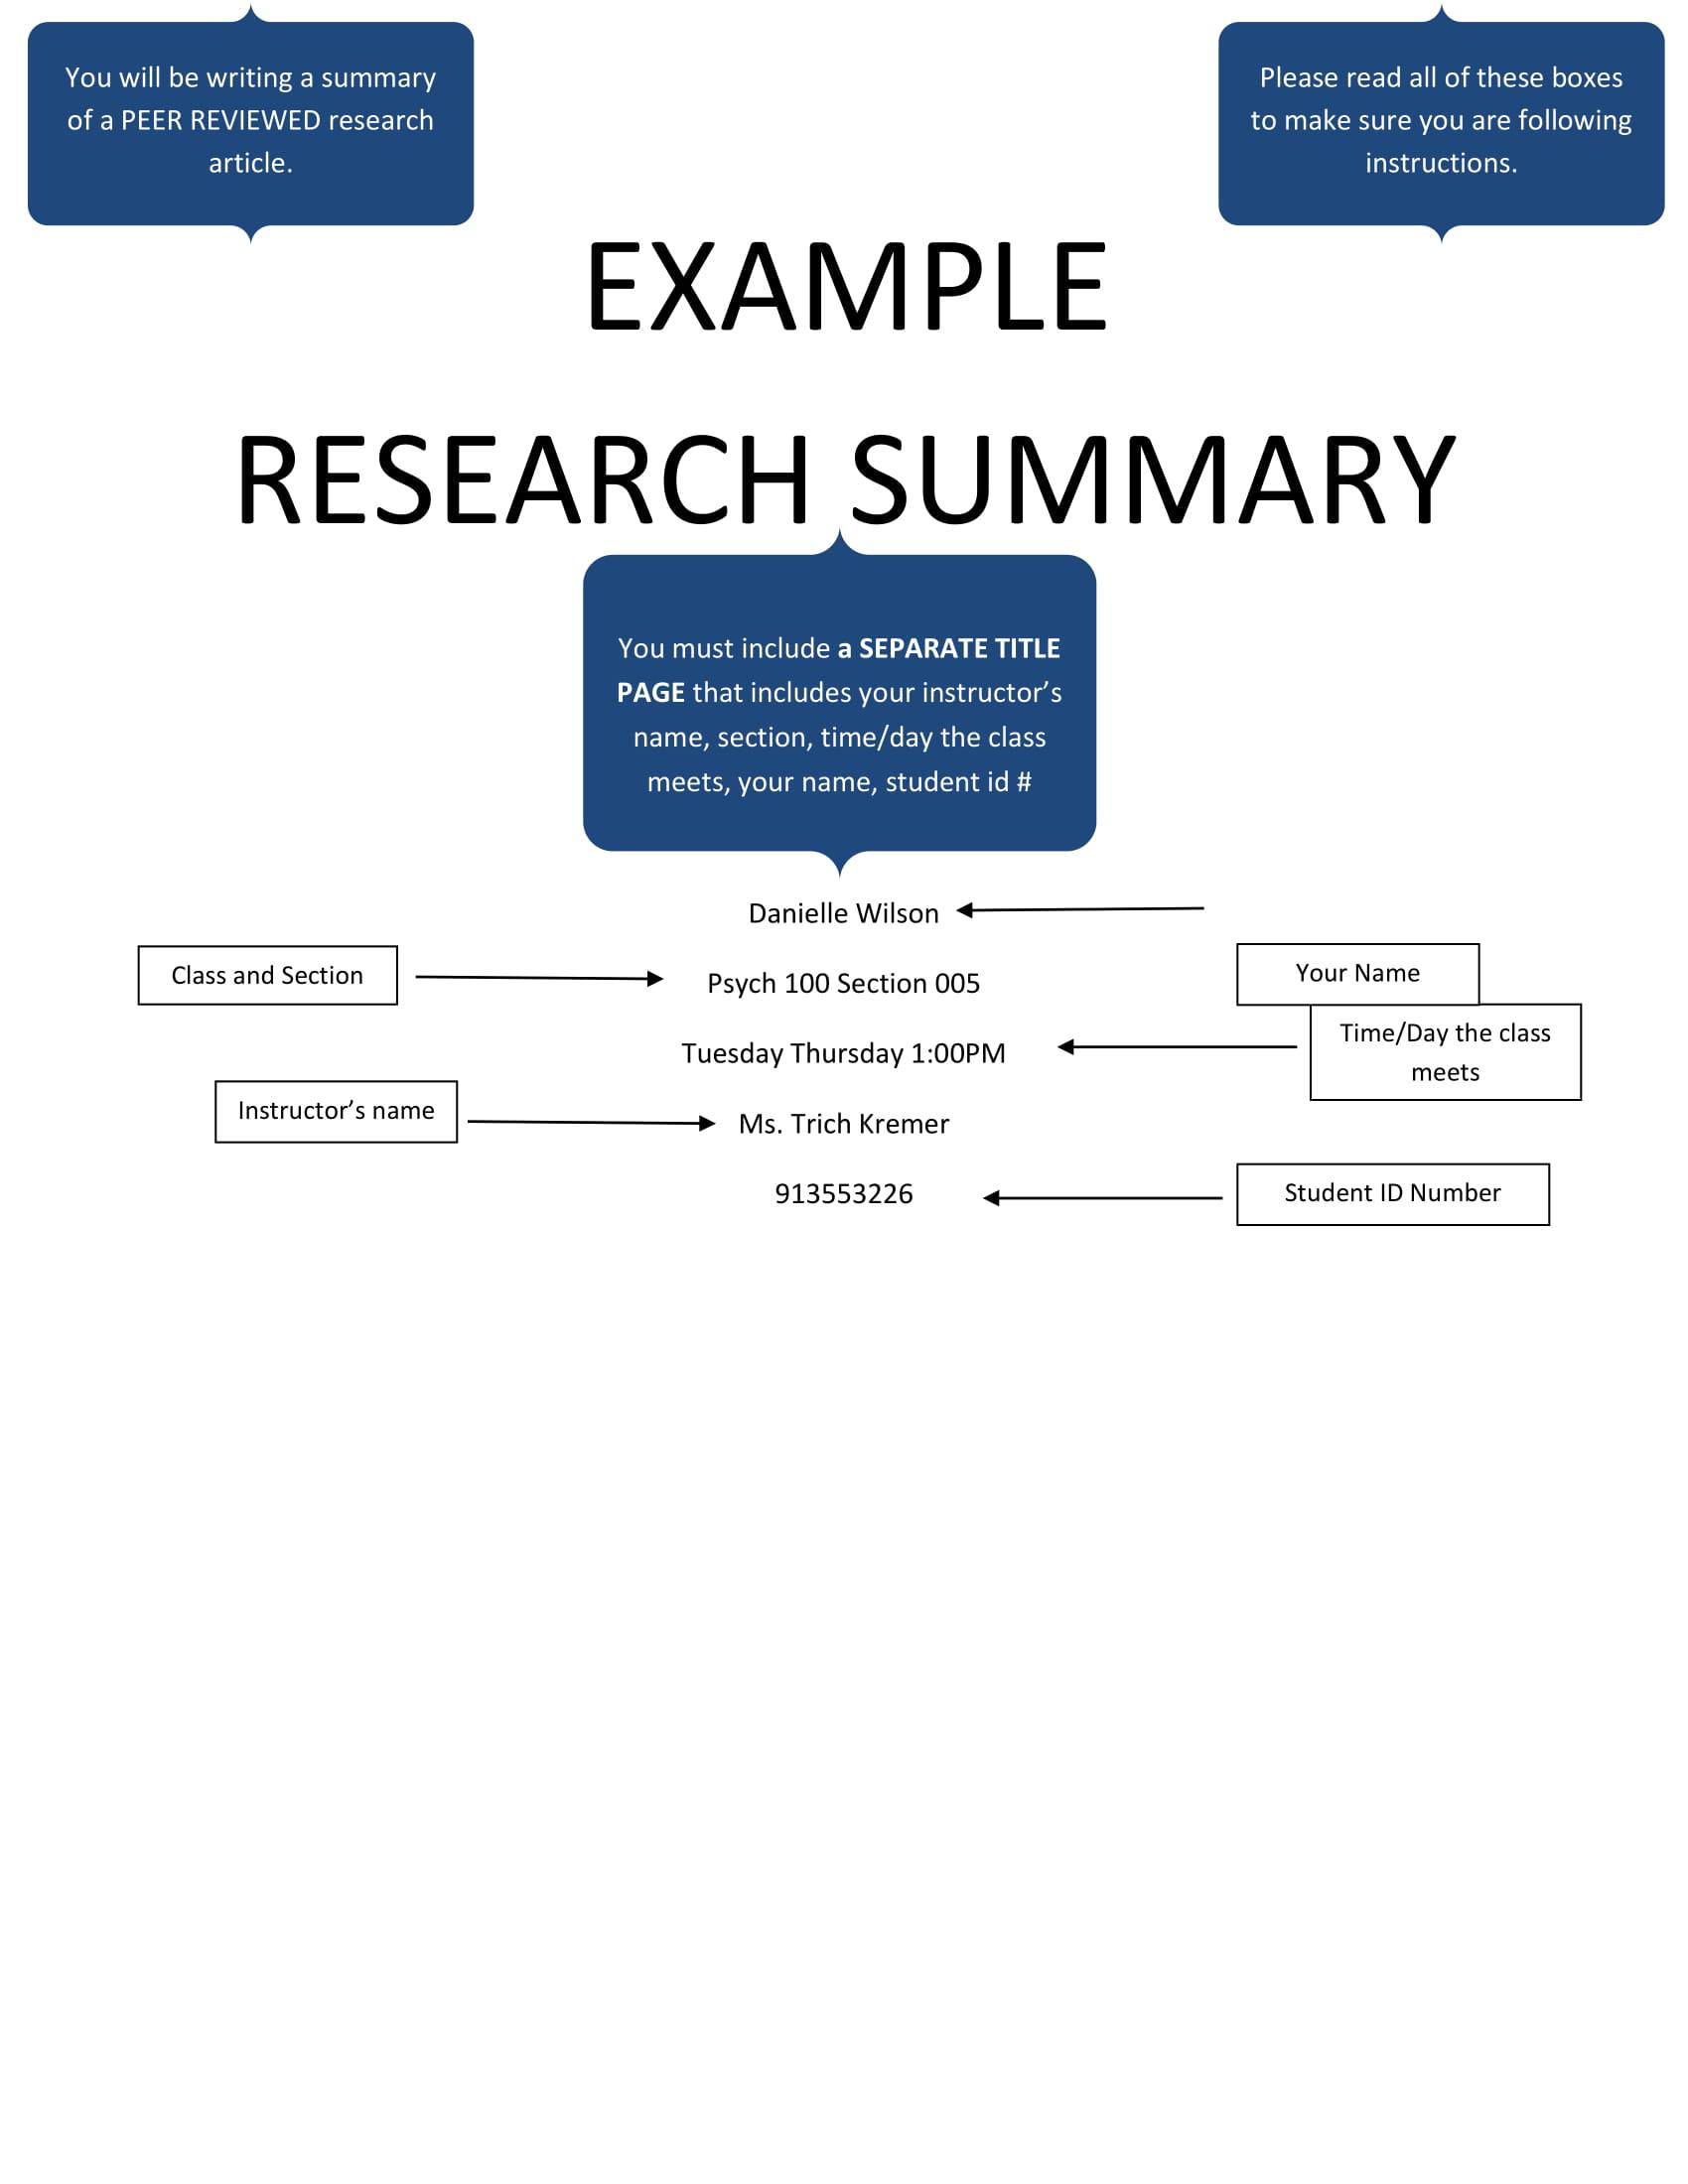 exampleresearchsummary 1